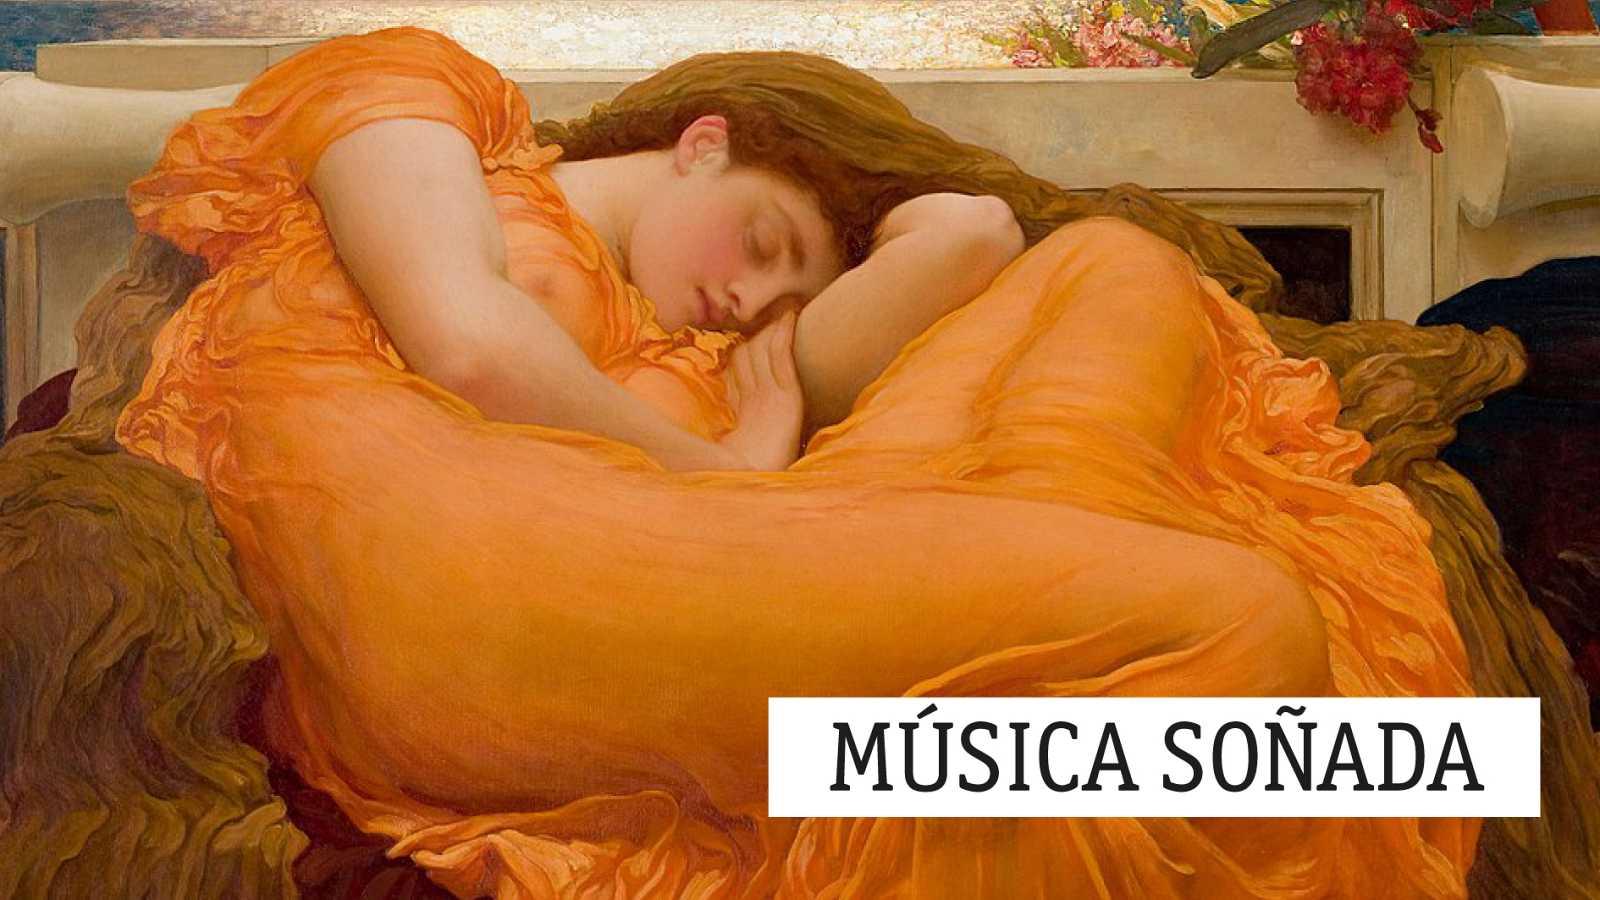 Música soñada - Asnos - 19/12/20 - escuchar ahora